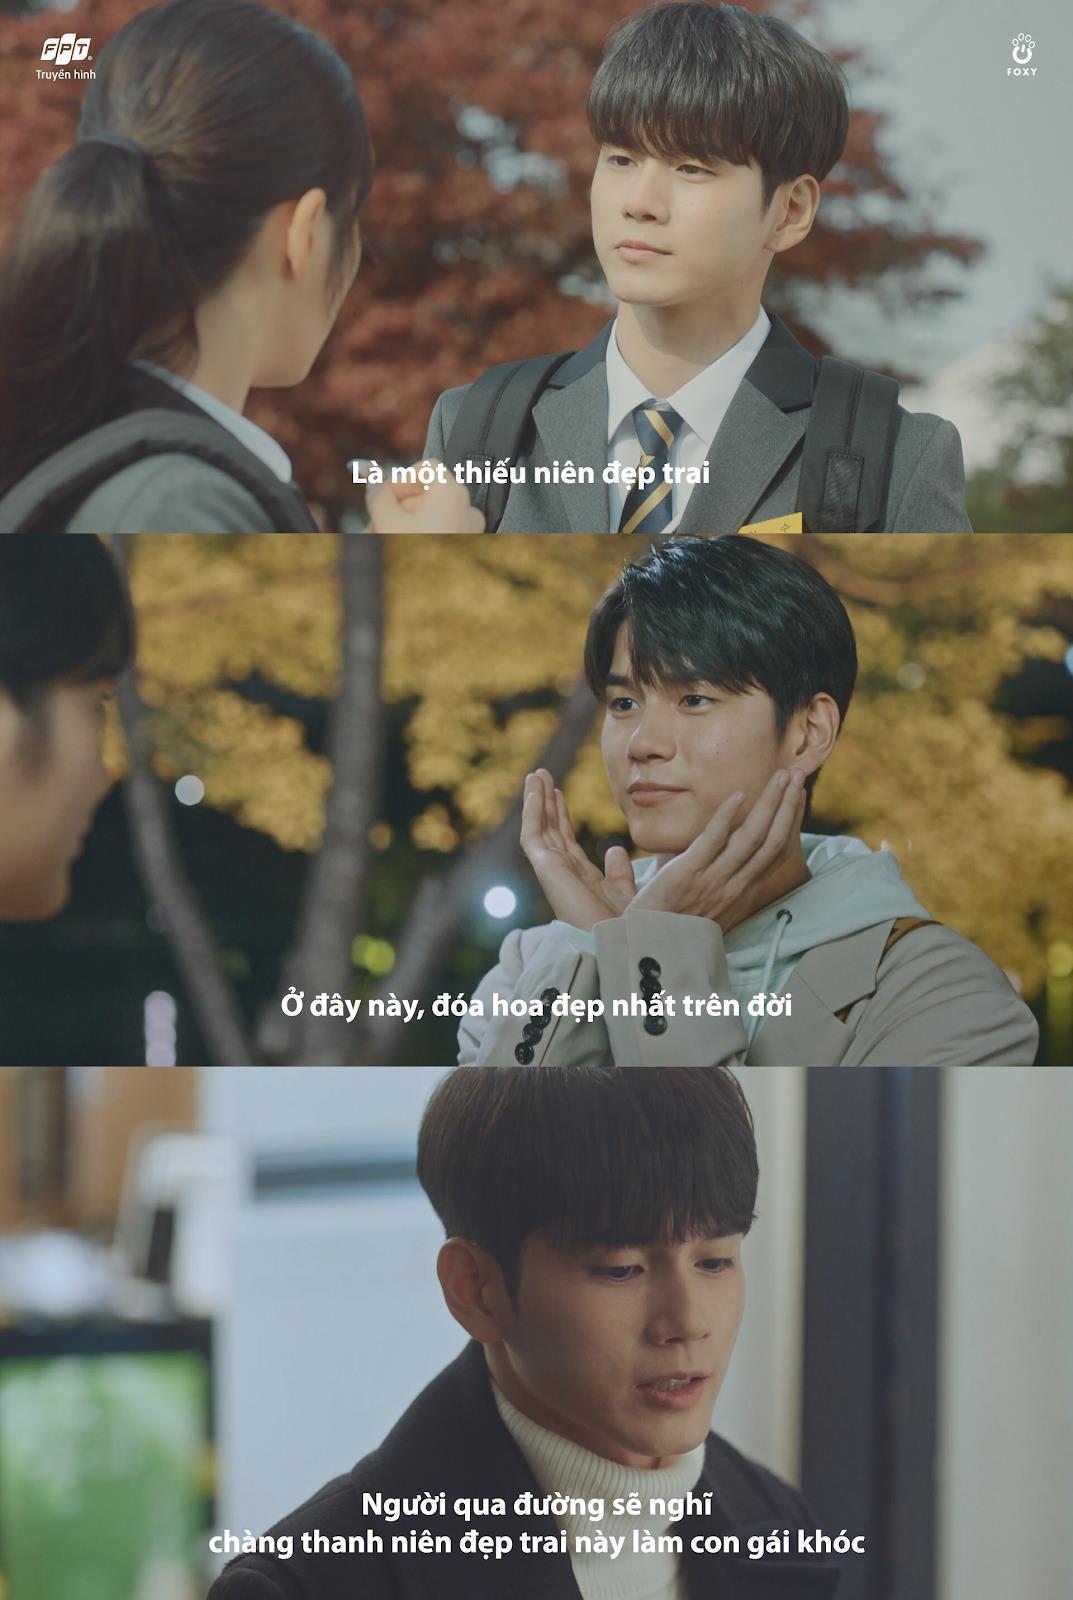 Những bí mật của trai đẹp Ong Seong Woo trong Hơn Cả Tình Bạn - Ảnh 2.